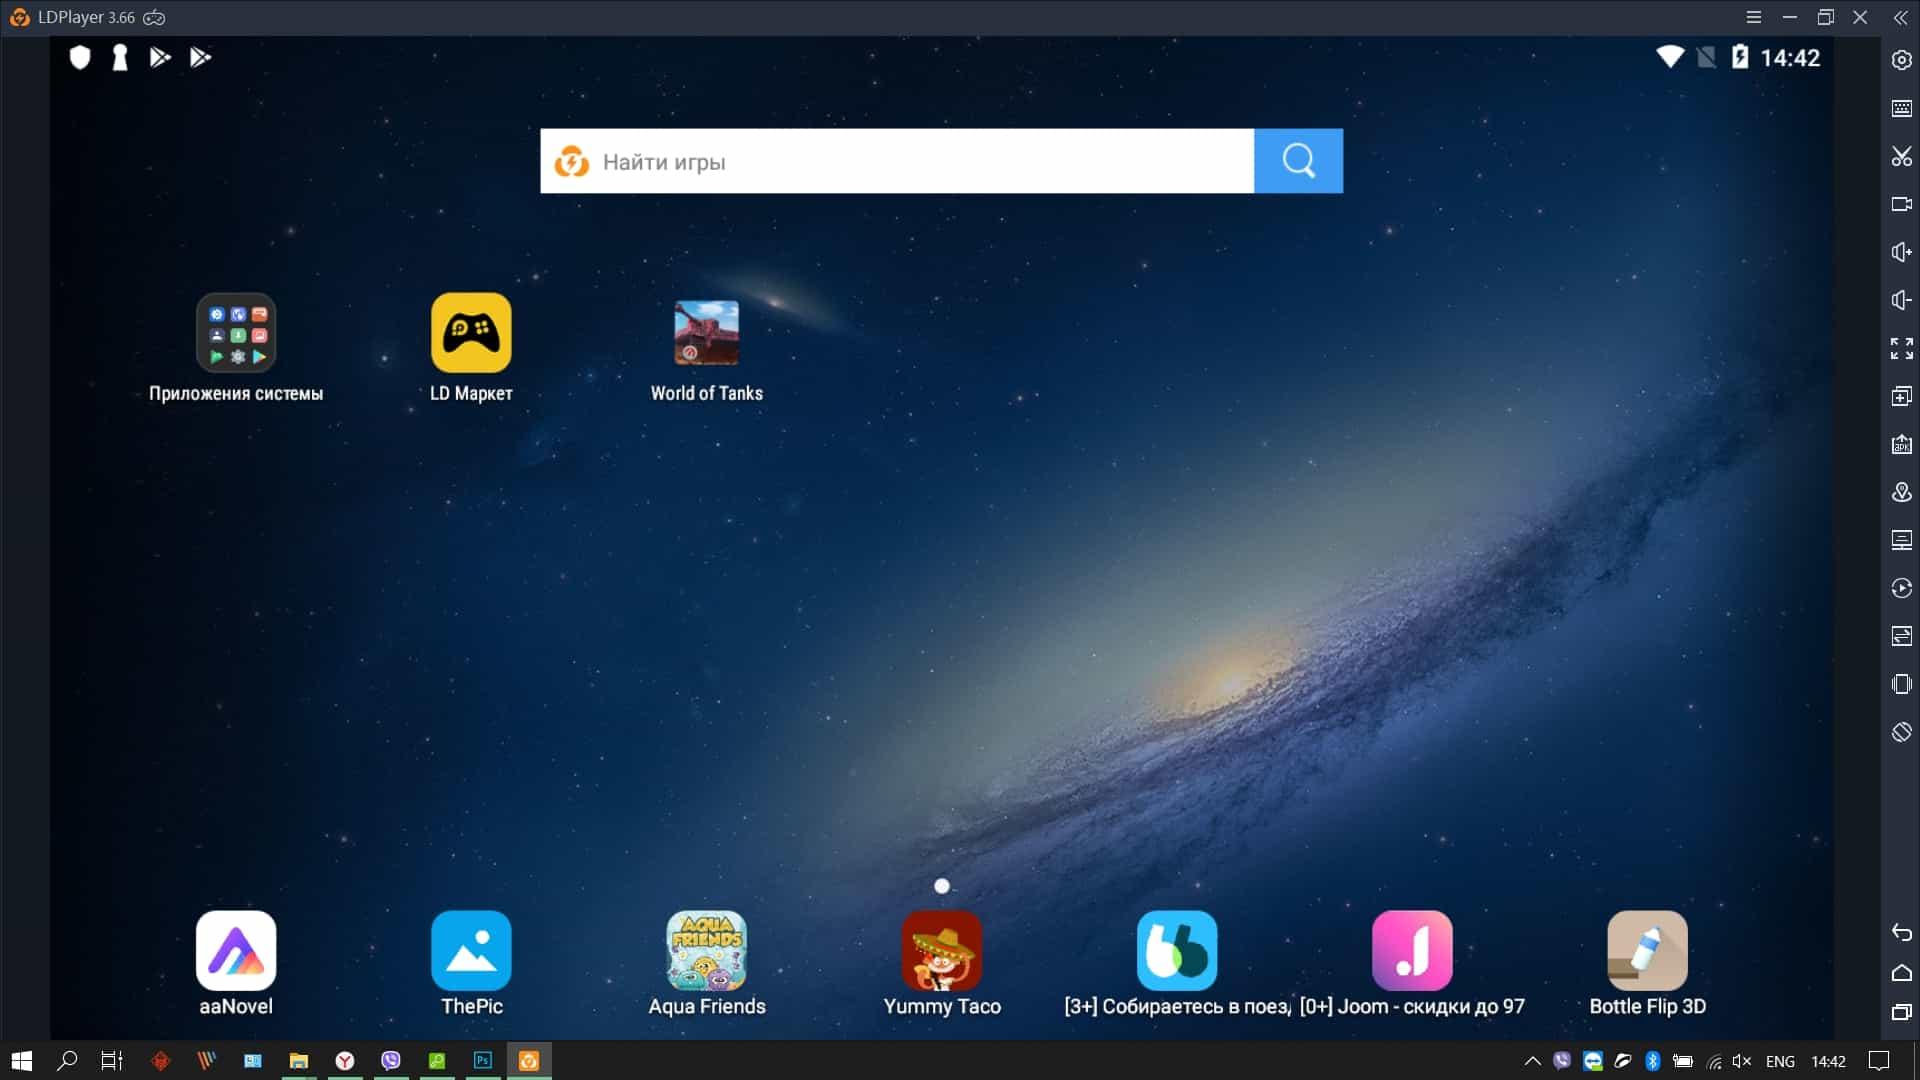 Эмулятор Android LDPlayer